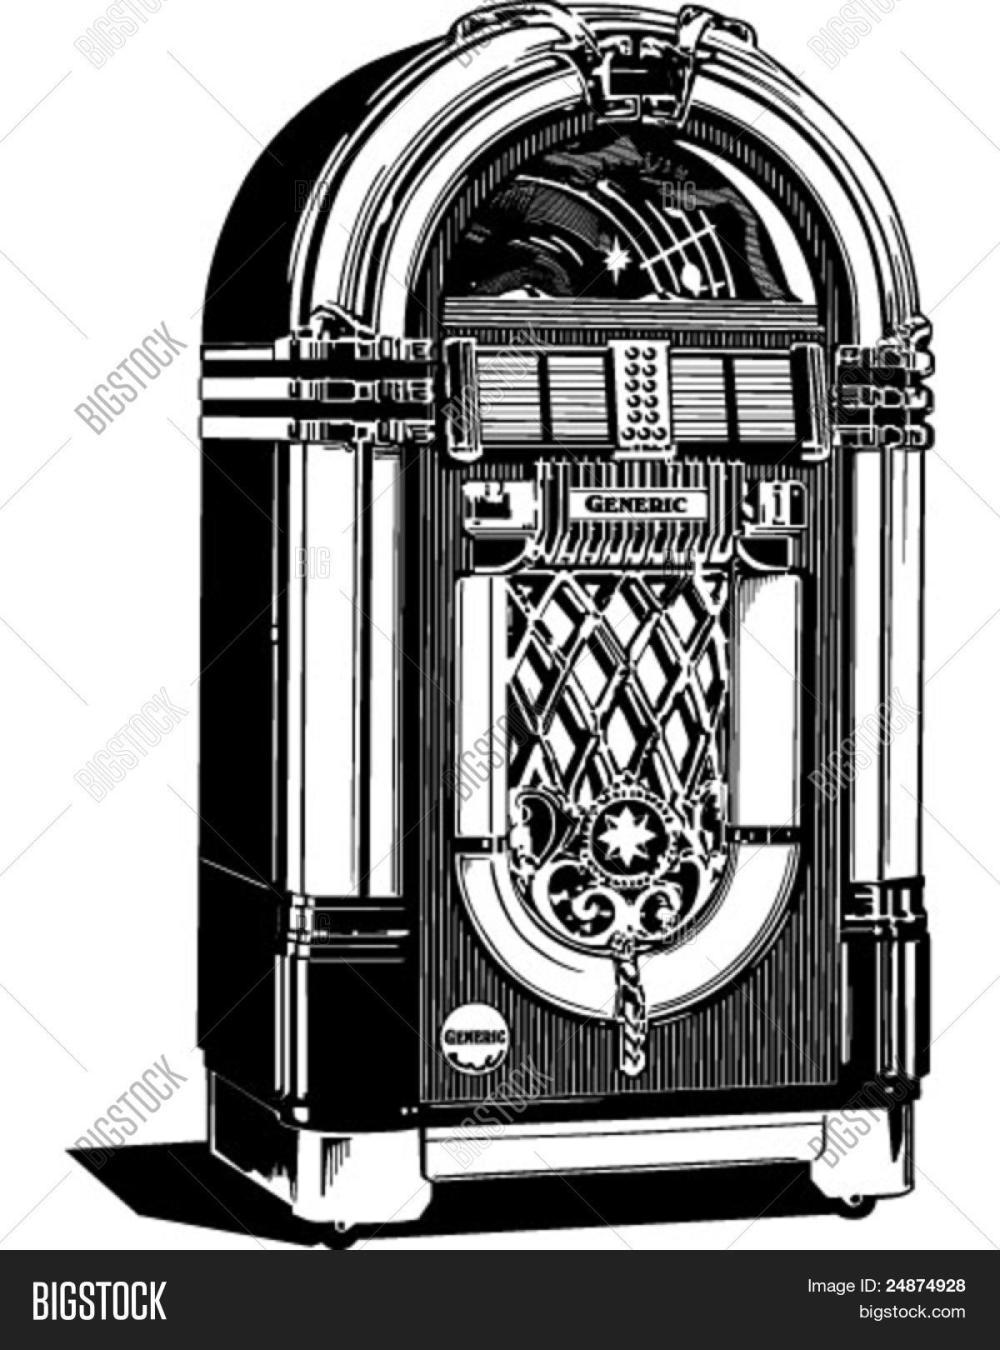 medium resolution of jukebox 2 retro clipart illustration